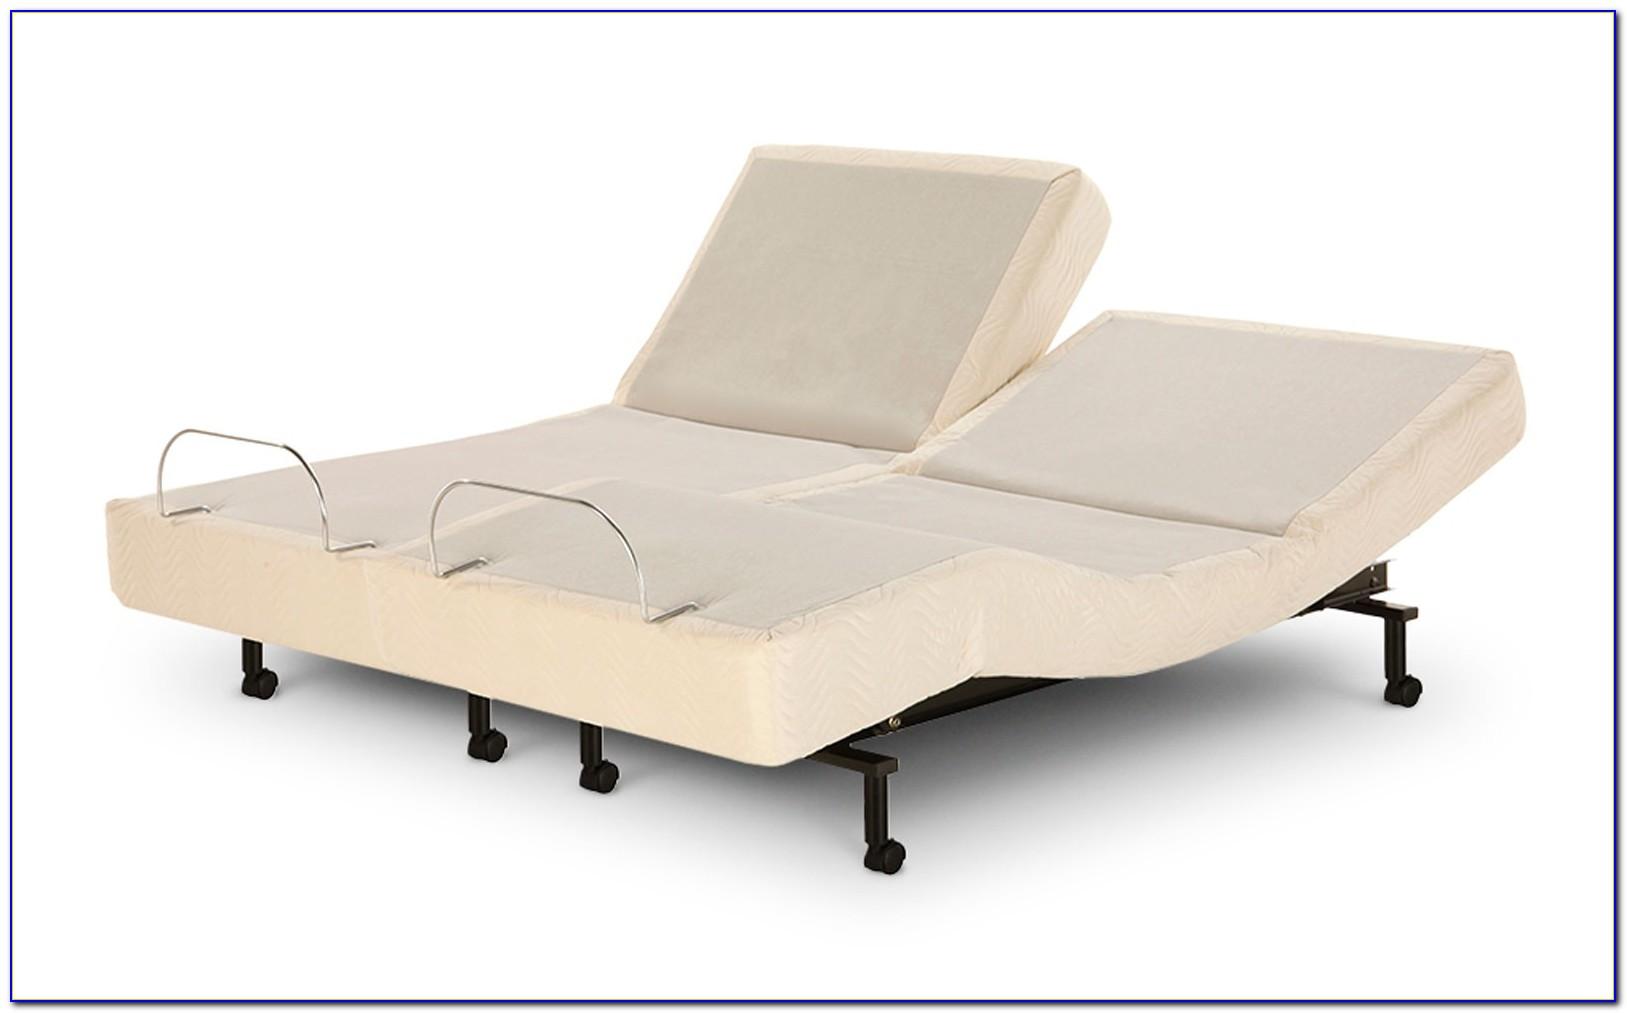 Split King Adjustable Bed Set